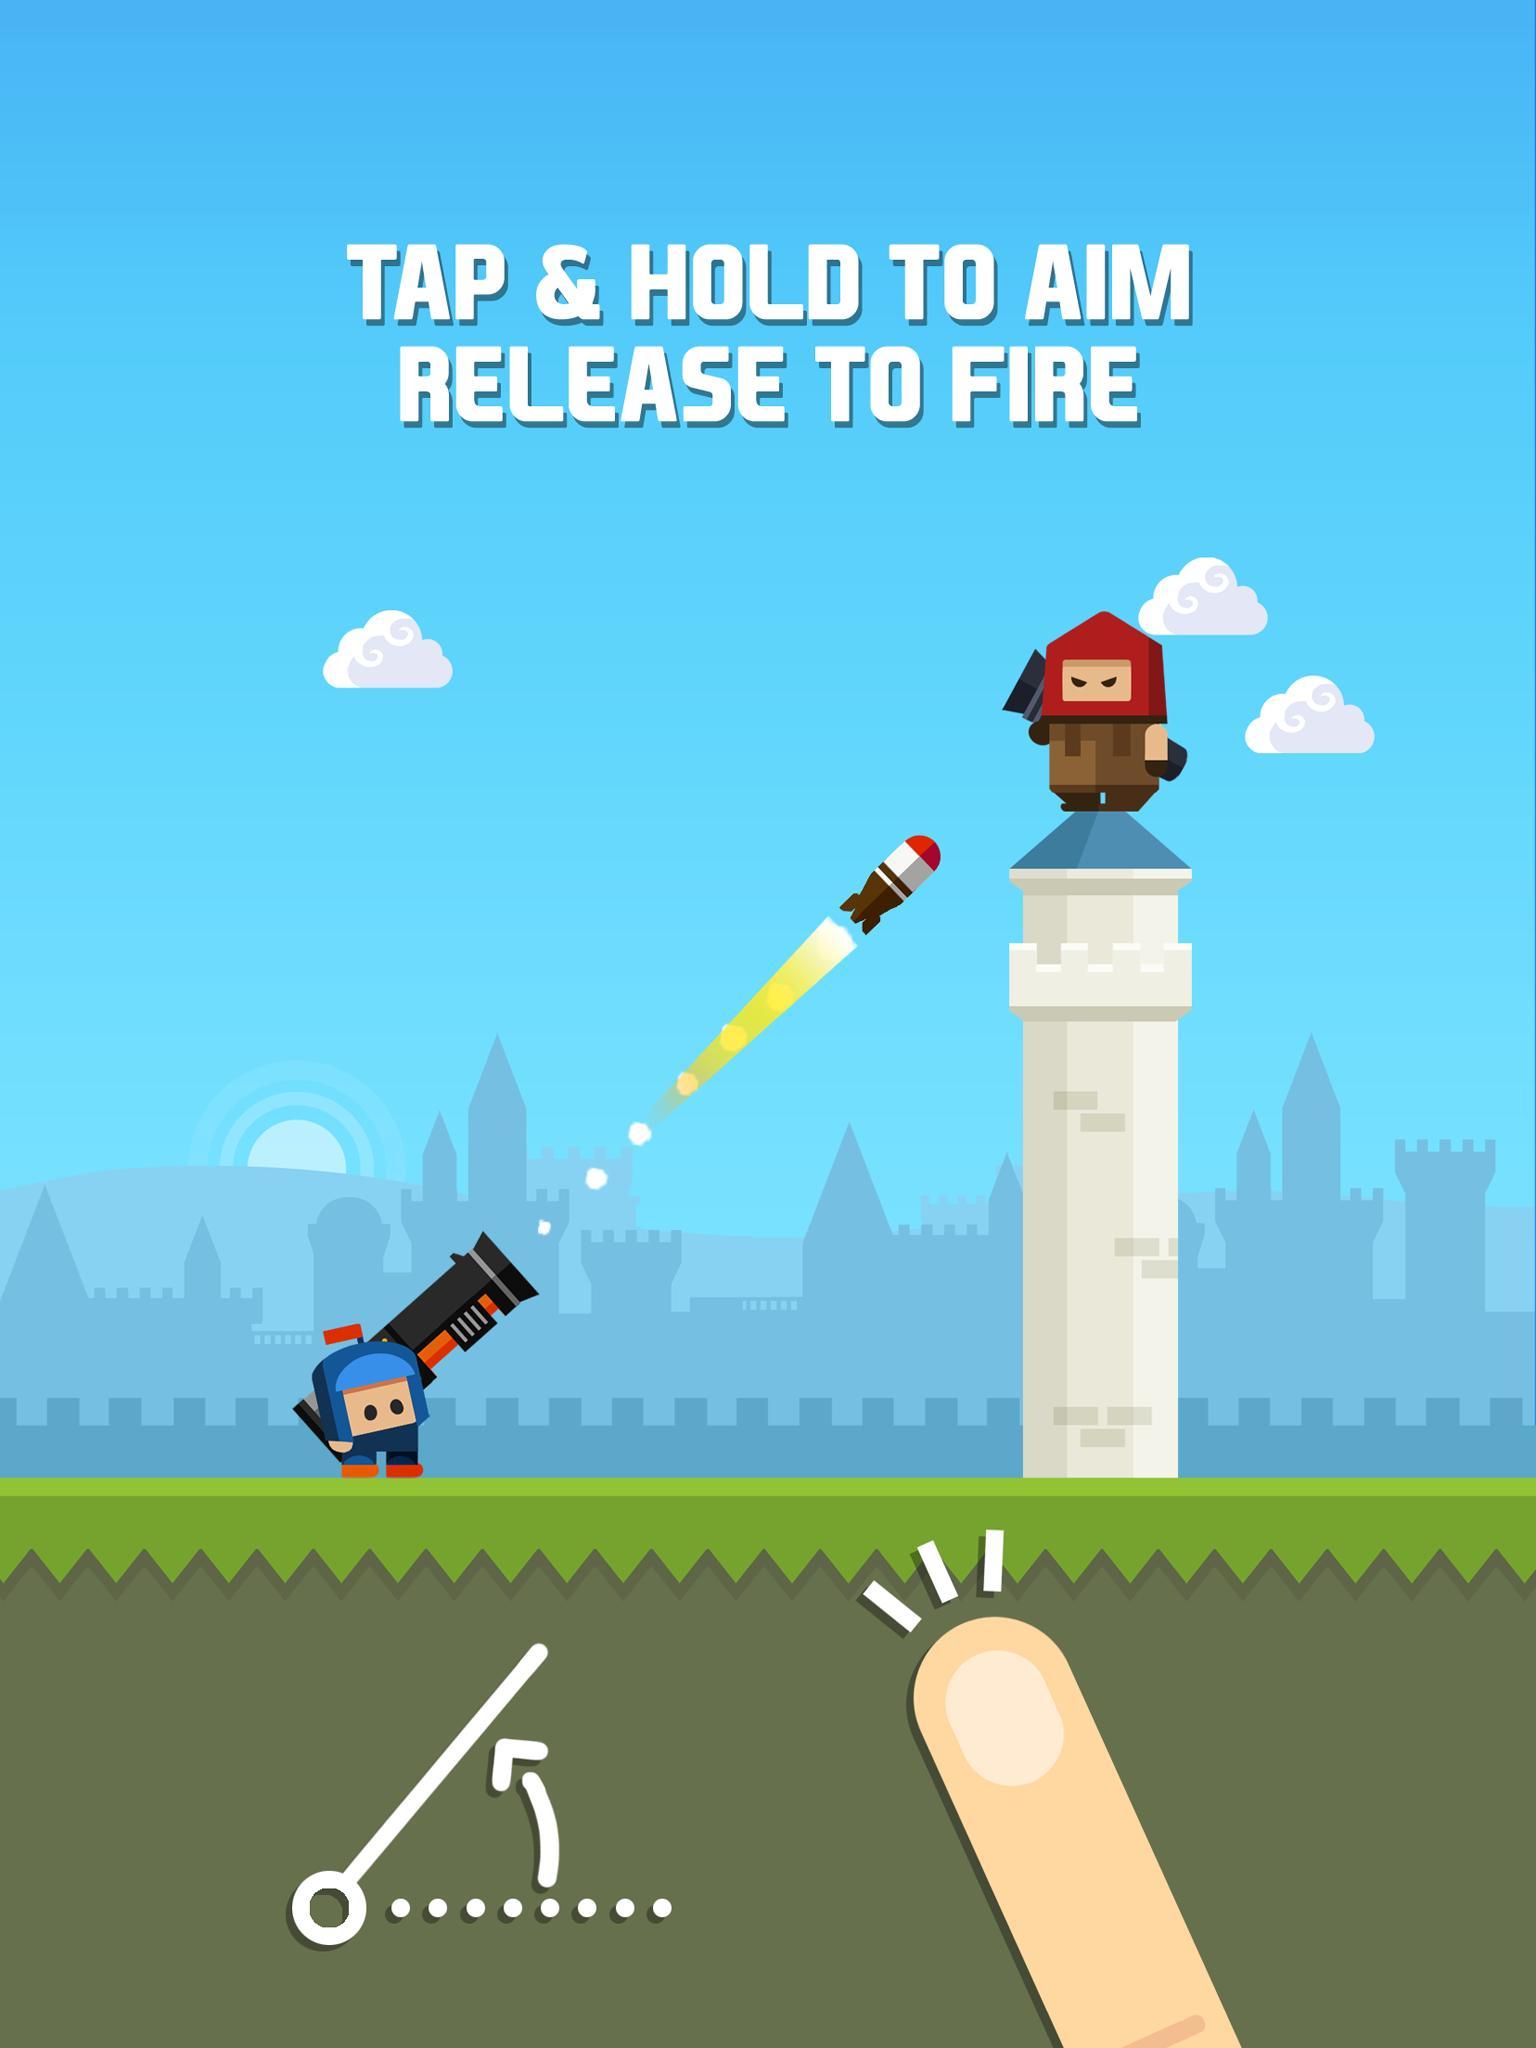 aim hero download